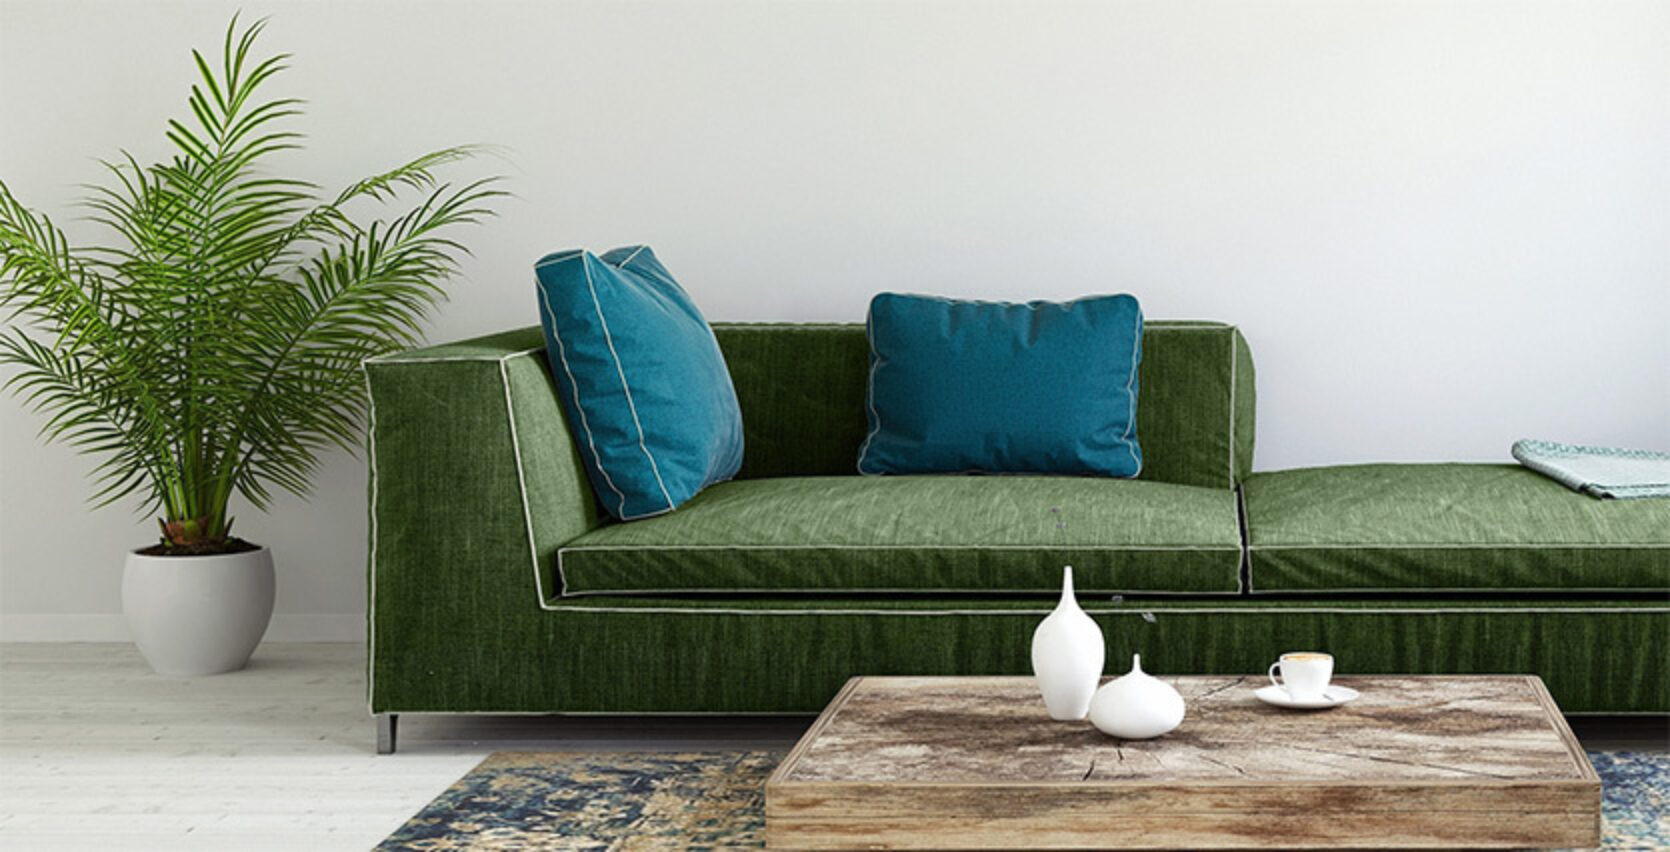 Grønn sofa med blå puter i en stue